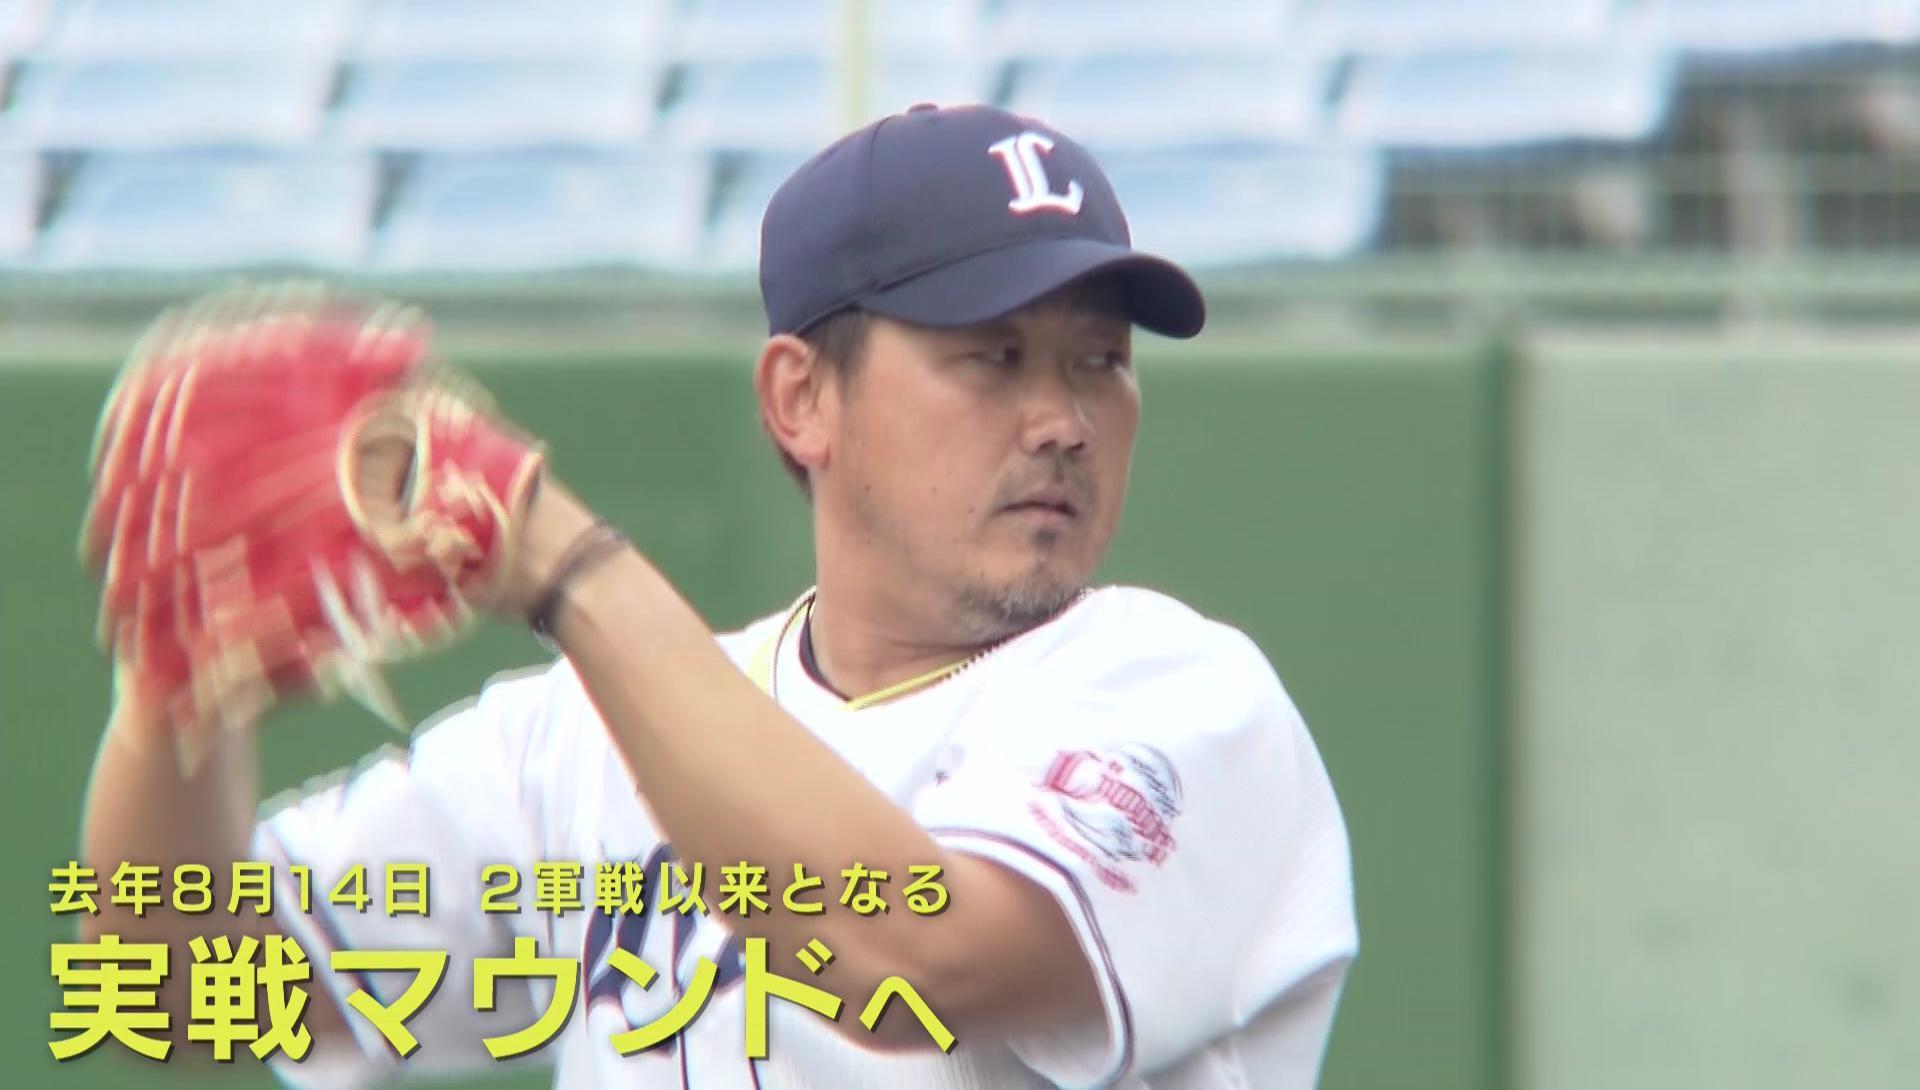 松坂大輔 古巣西武復帰後 初の実戦マウンドは1回3被安打2失点